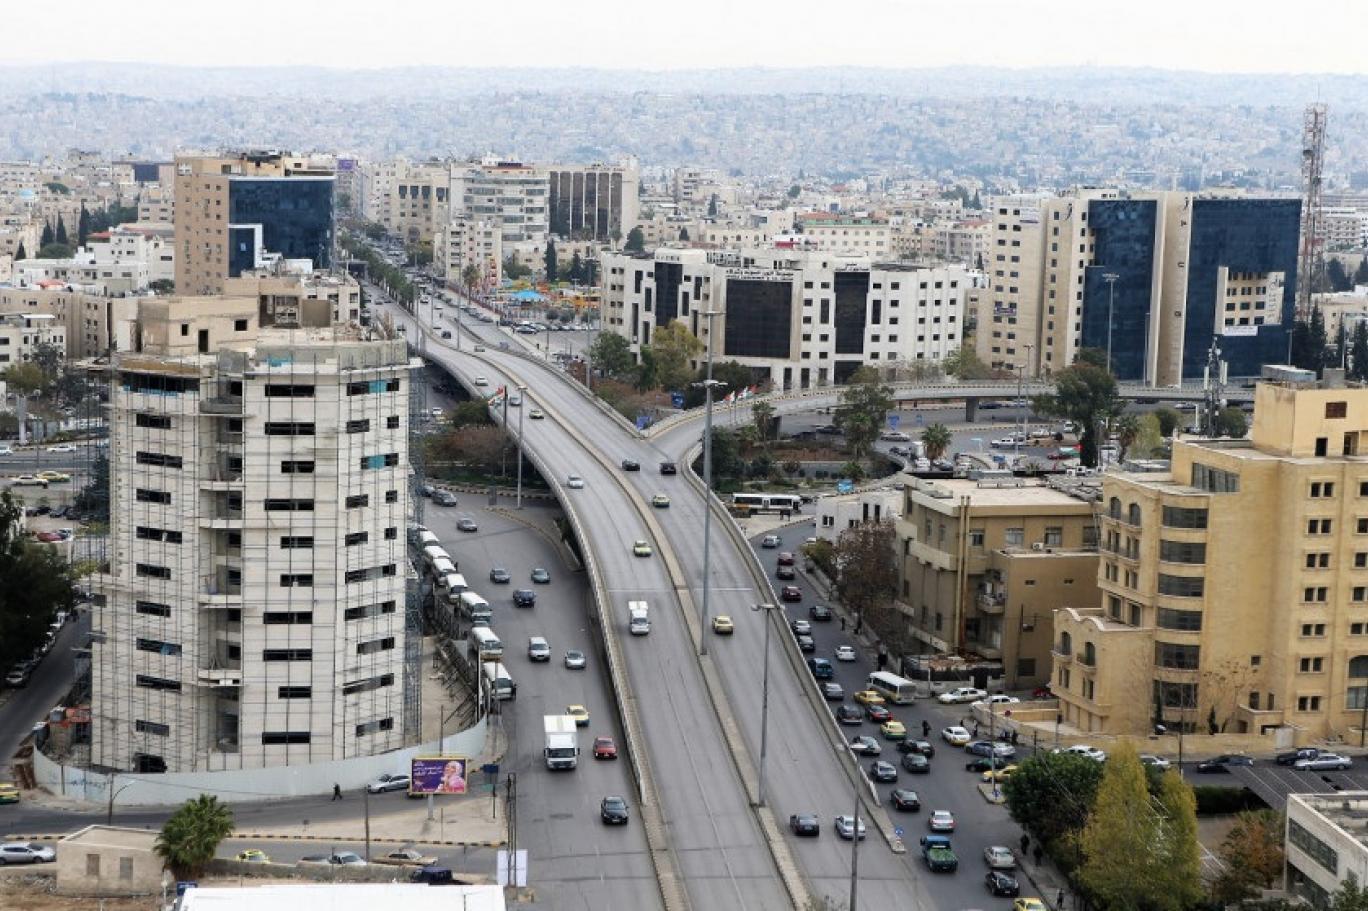 الأردن،بطالة، سوق العمل في الأردن، الدينار الأردني، الميزانية الأردنية،حربوشة نيوز ،حربوشة_نيوز